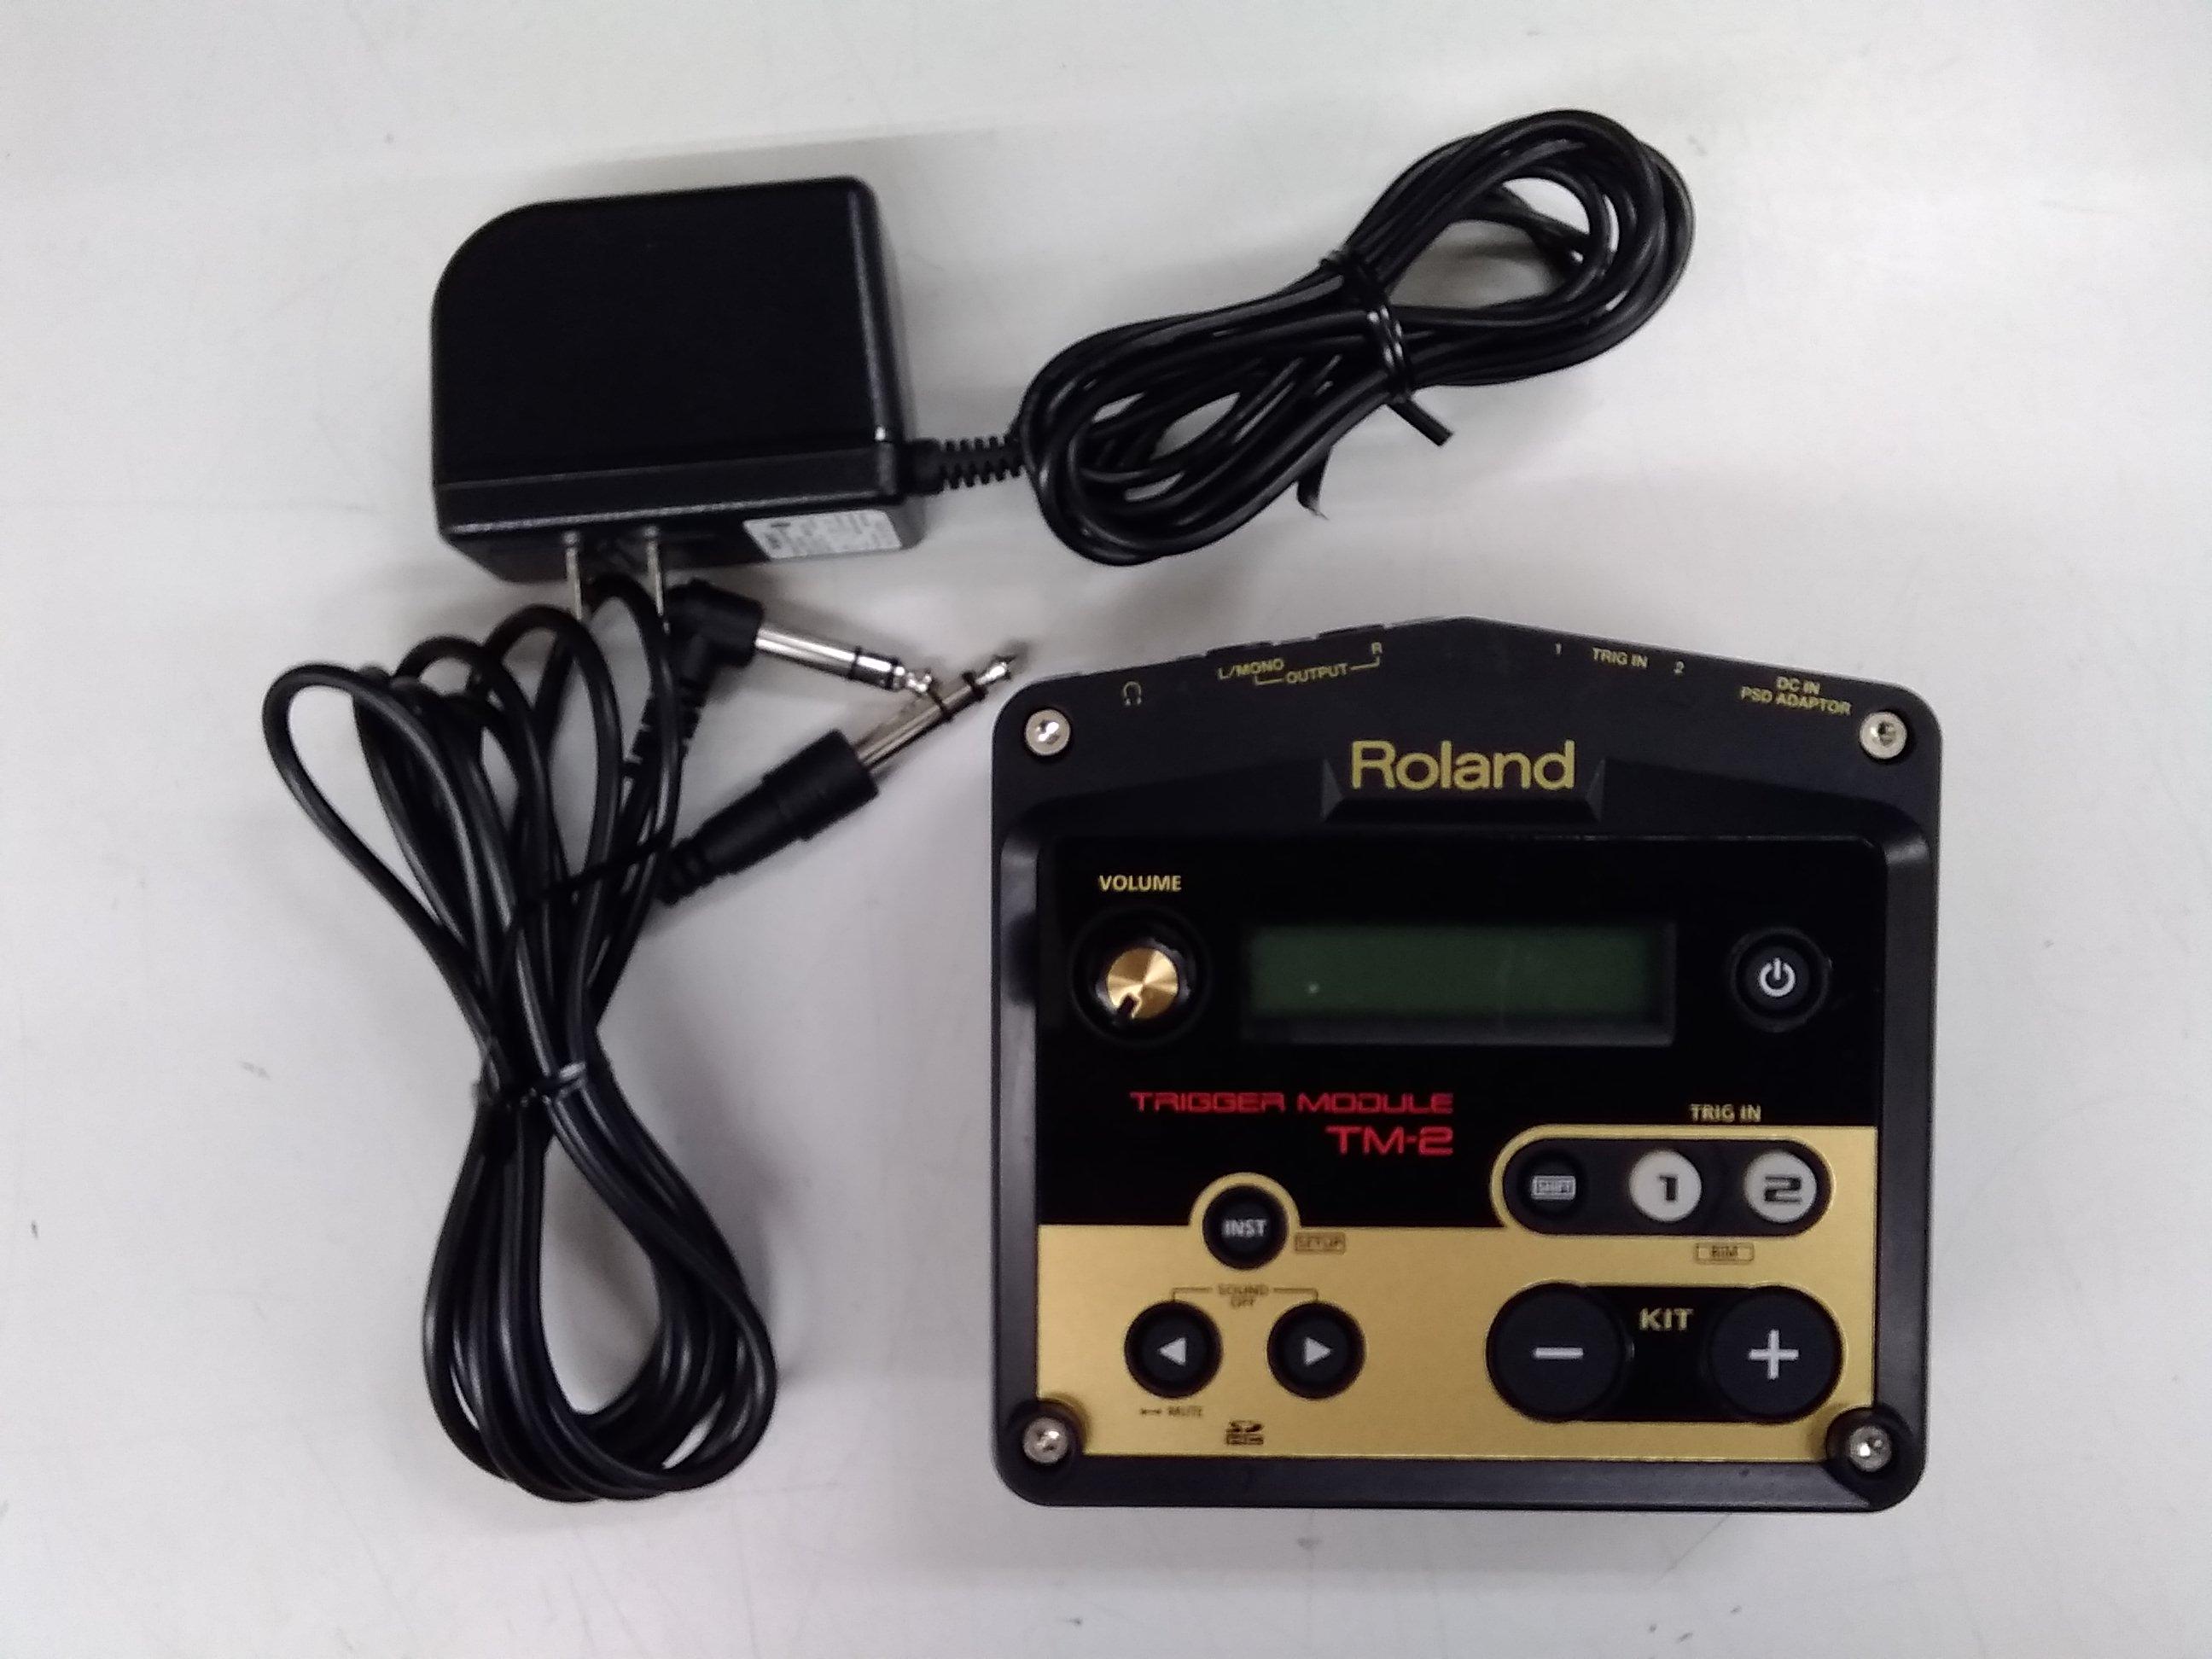 ドラム音源モジュール TM-2|ROLAND